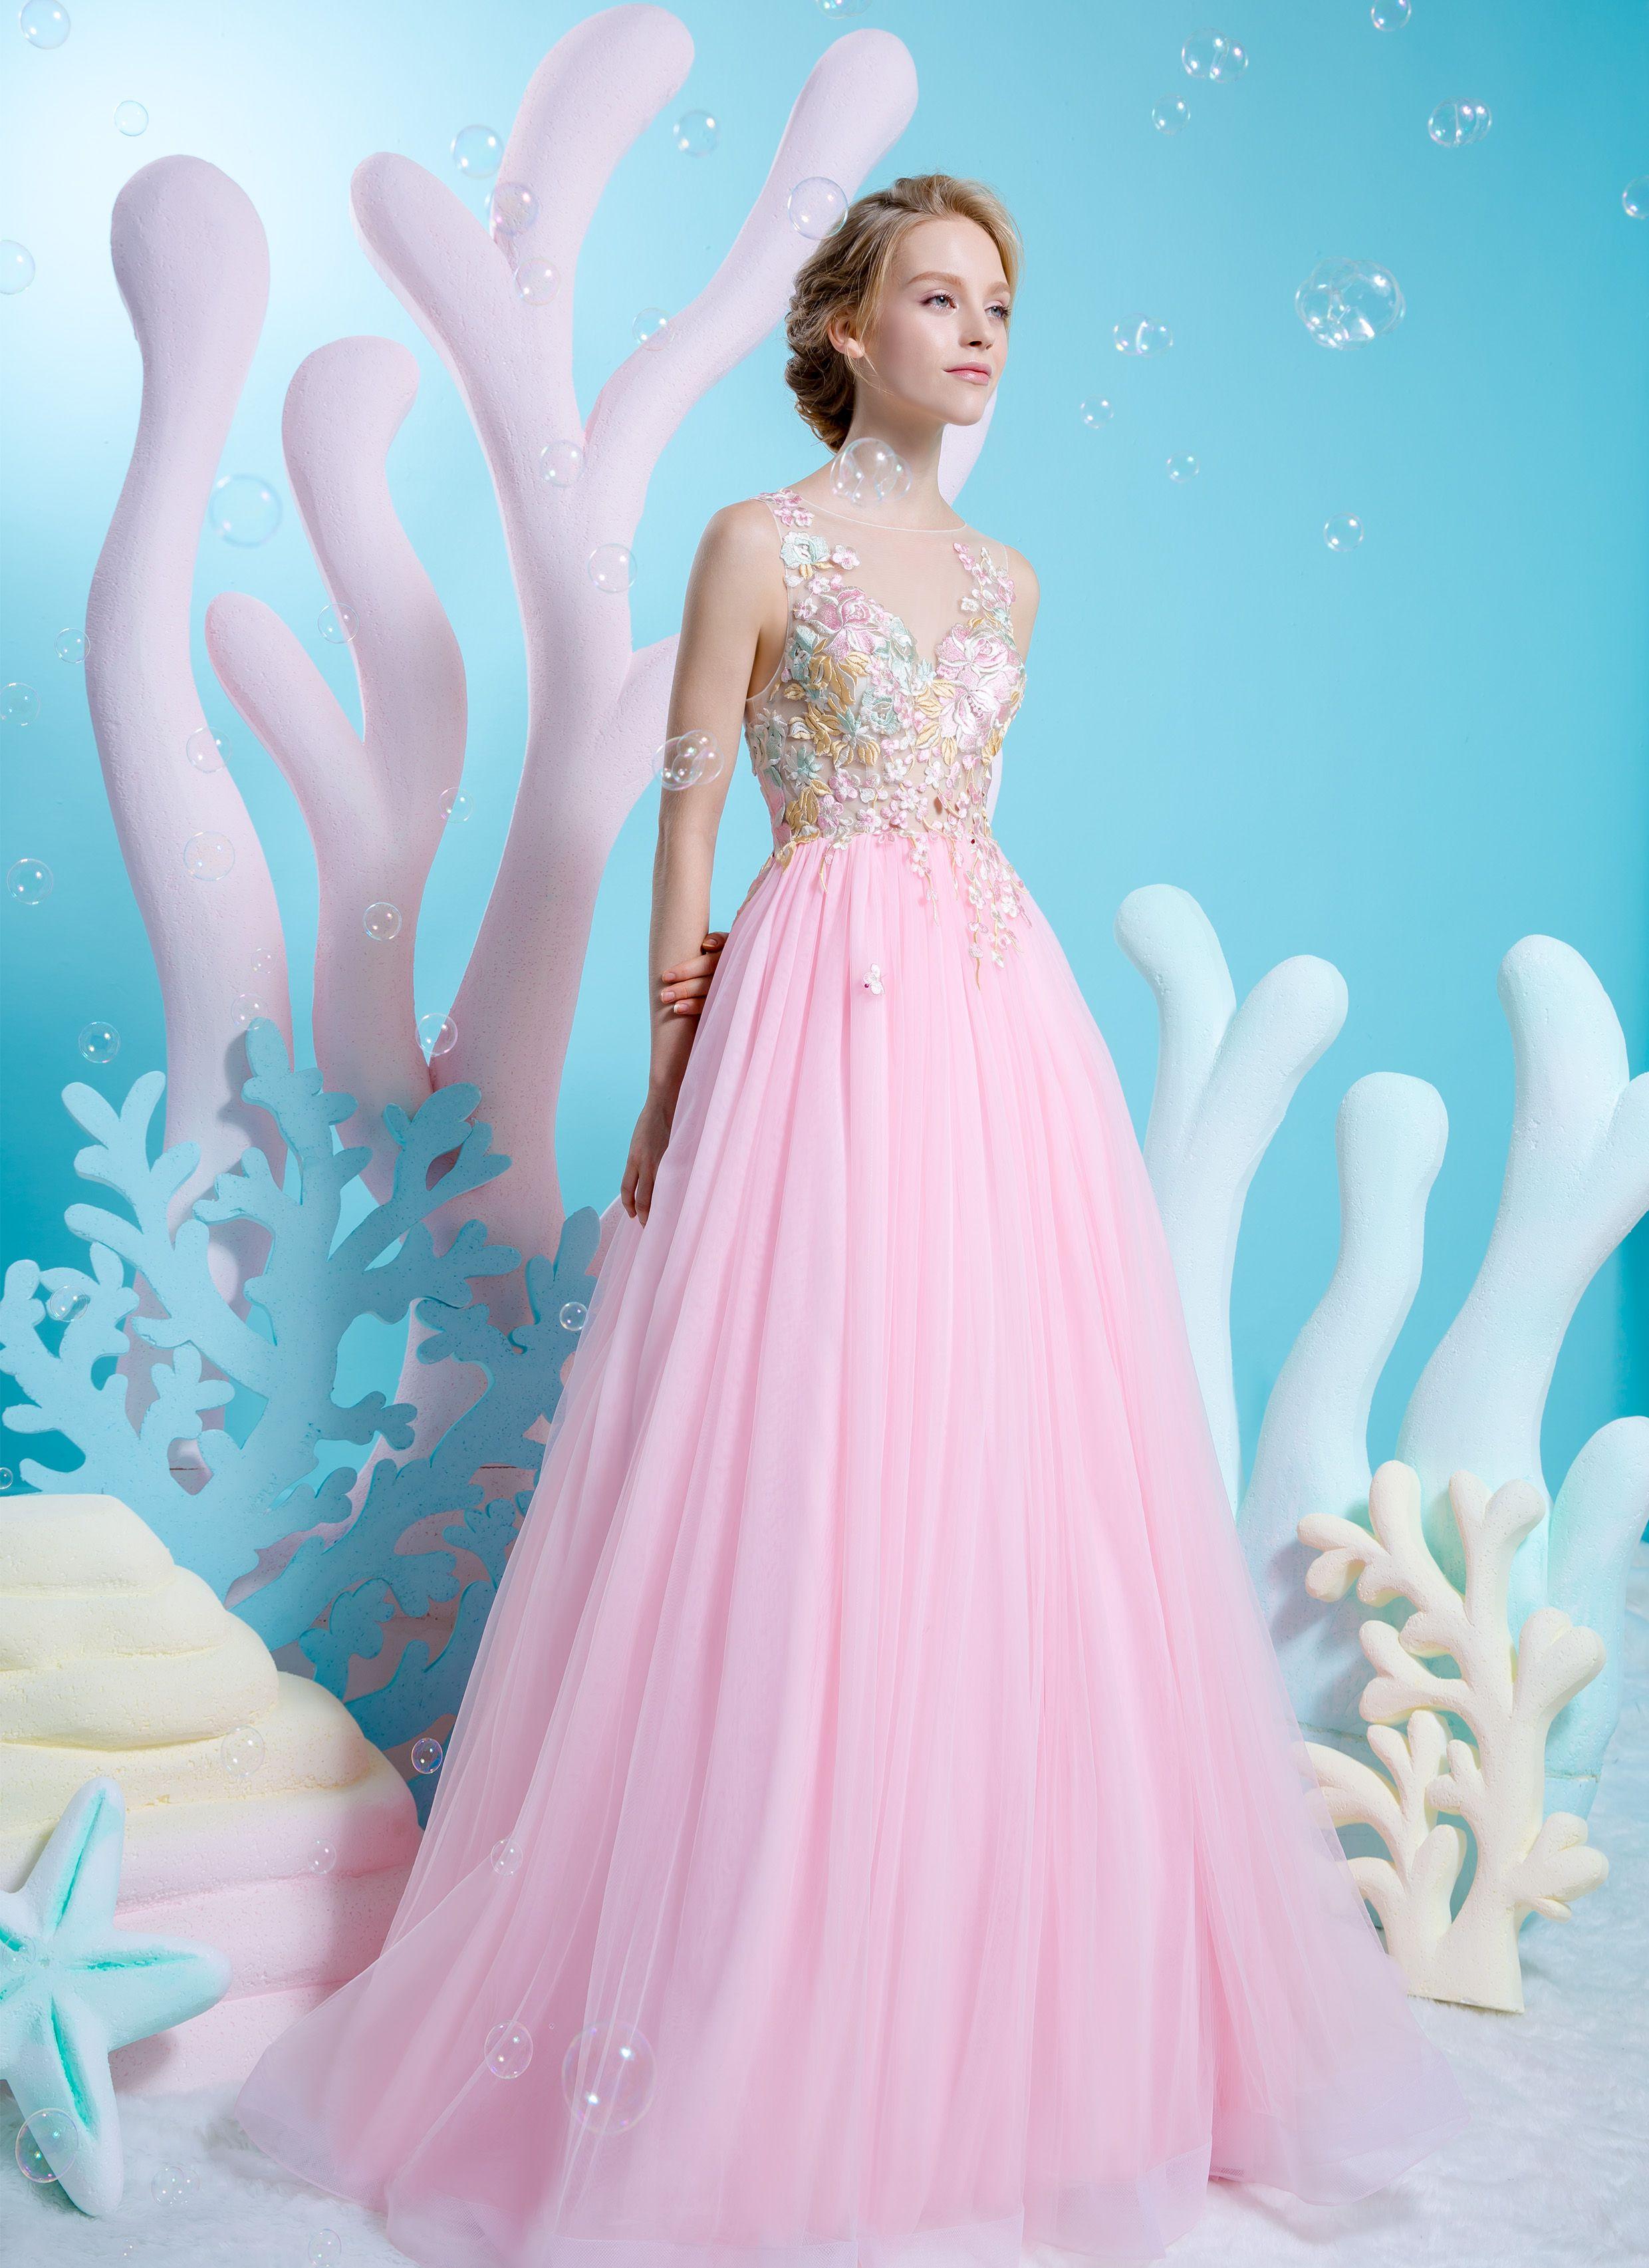 Vistoso Vestidos De Novia En Lubbock Tx Bosquejo - Colección del ...